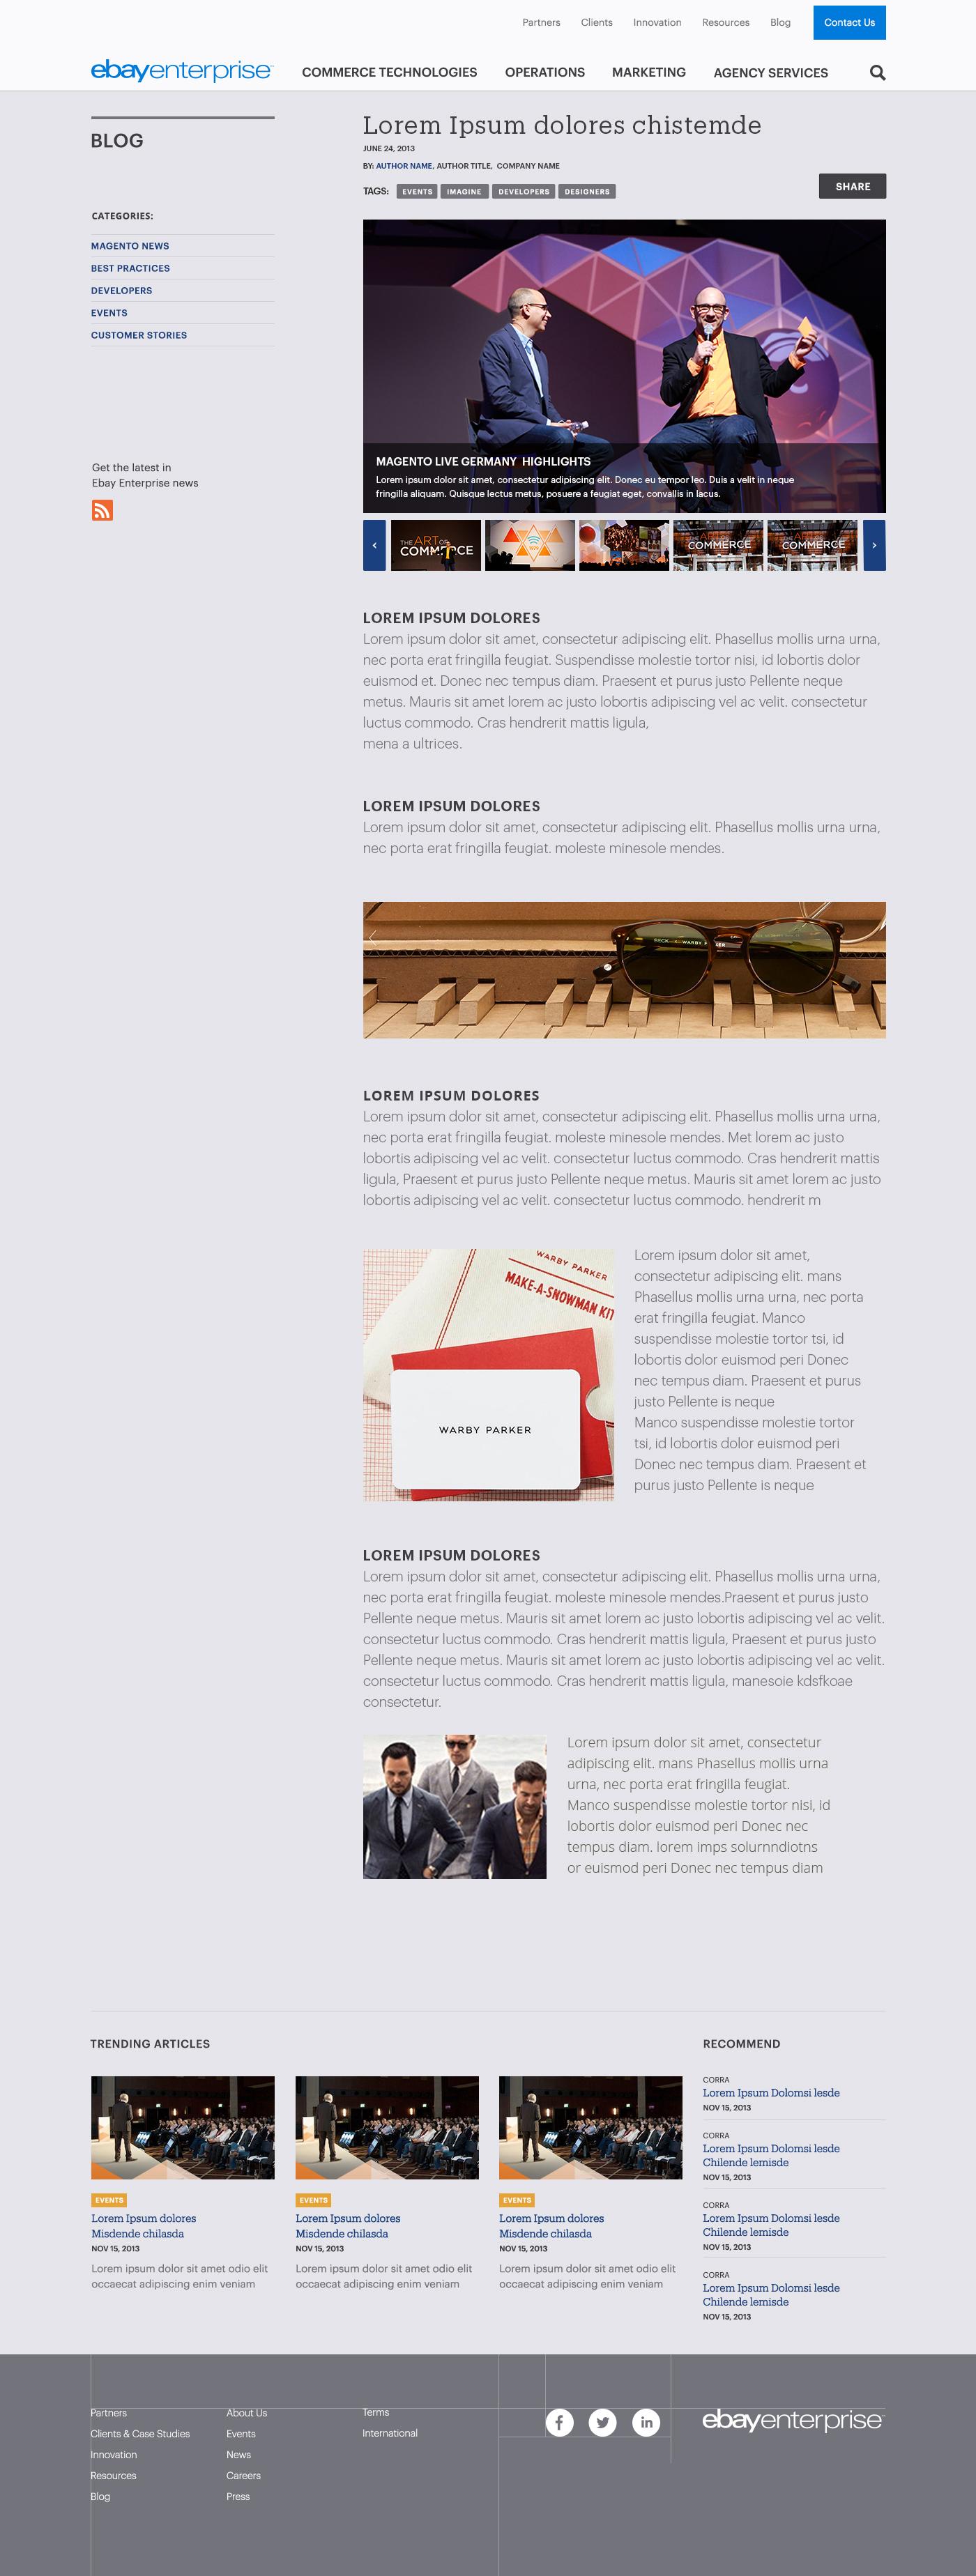 EE_Blog_gallery.jpg